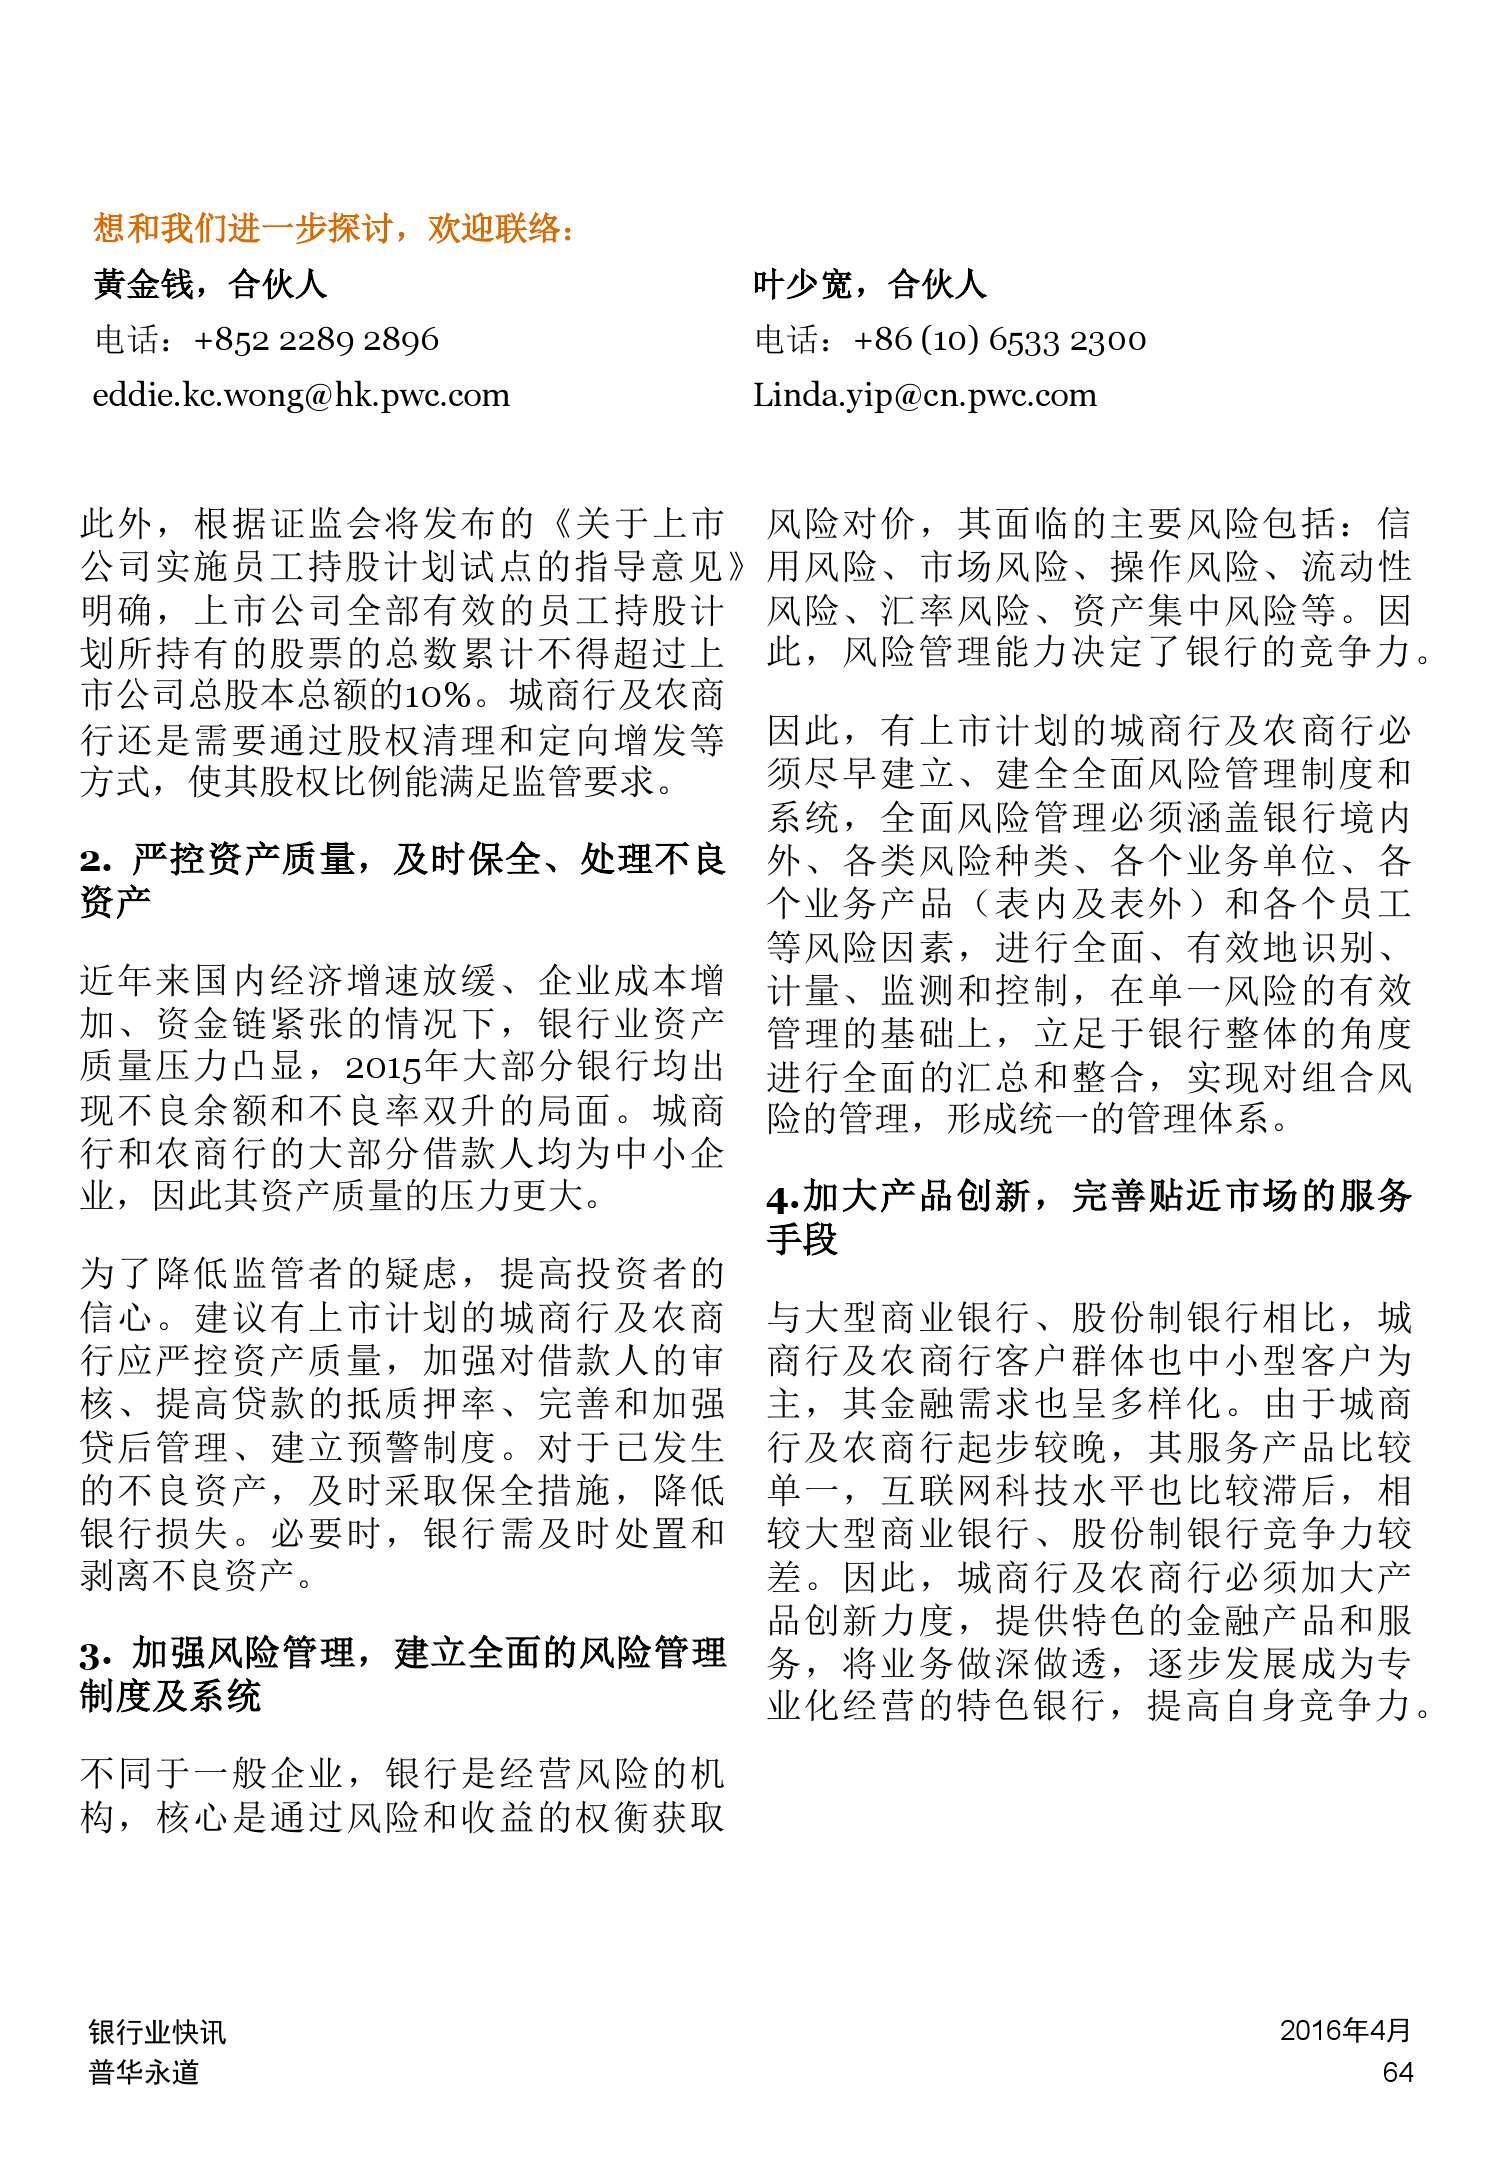 普华永道:2015年中国银行业回顾与展望_000064